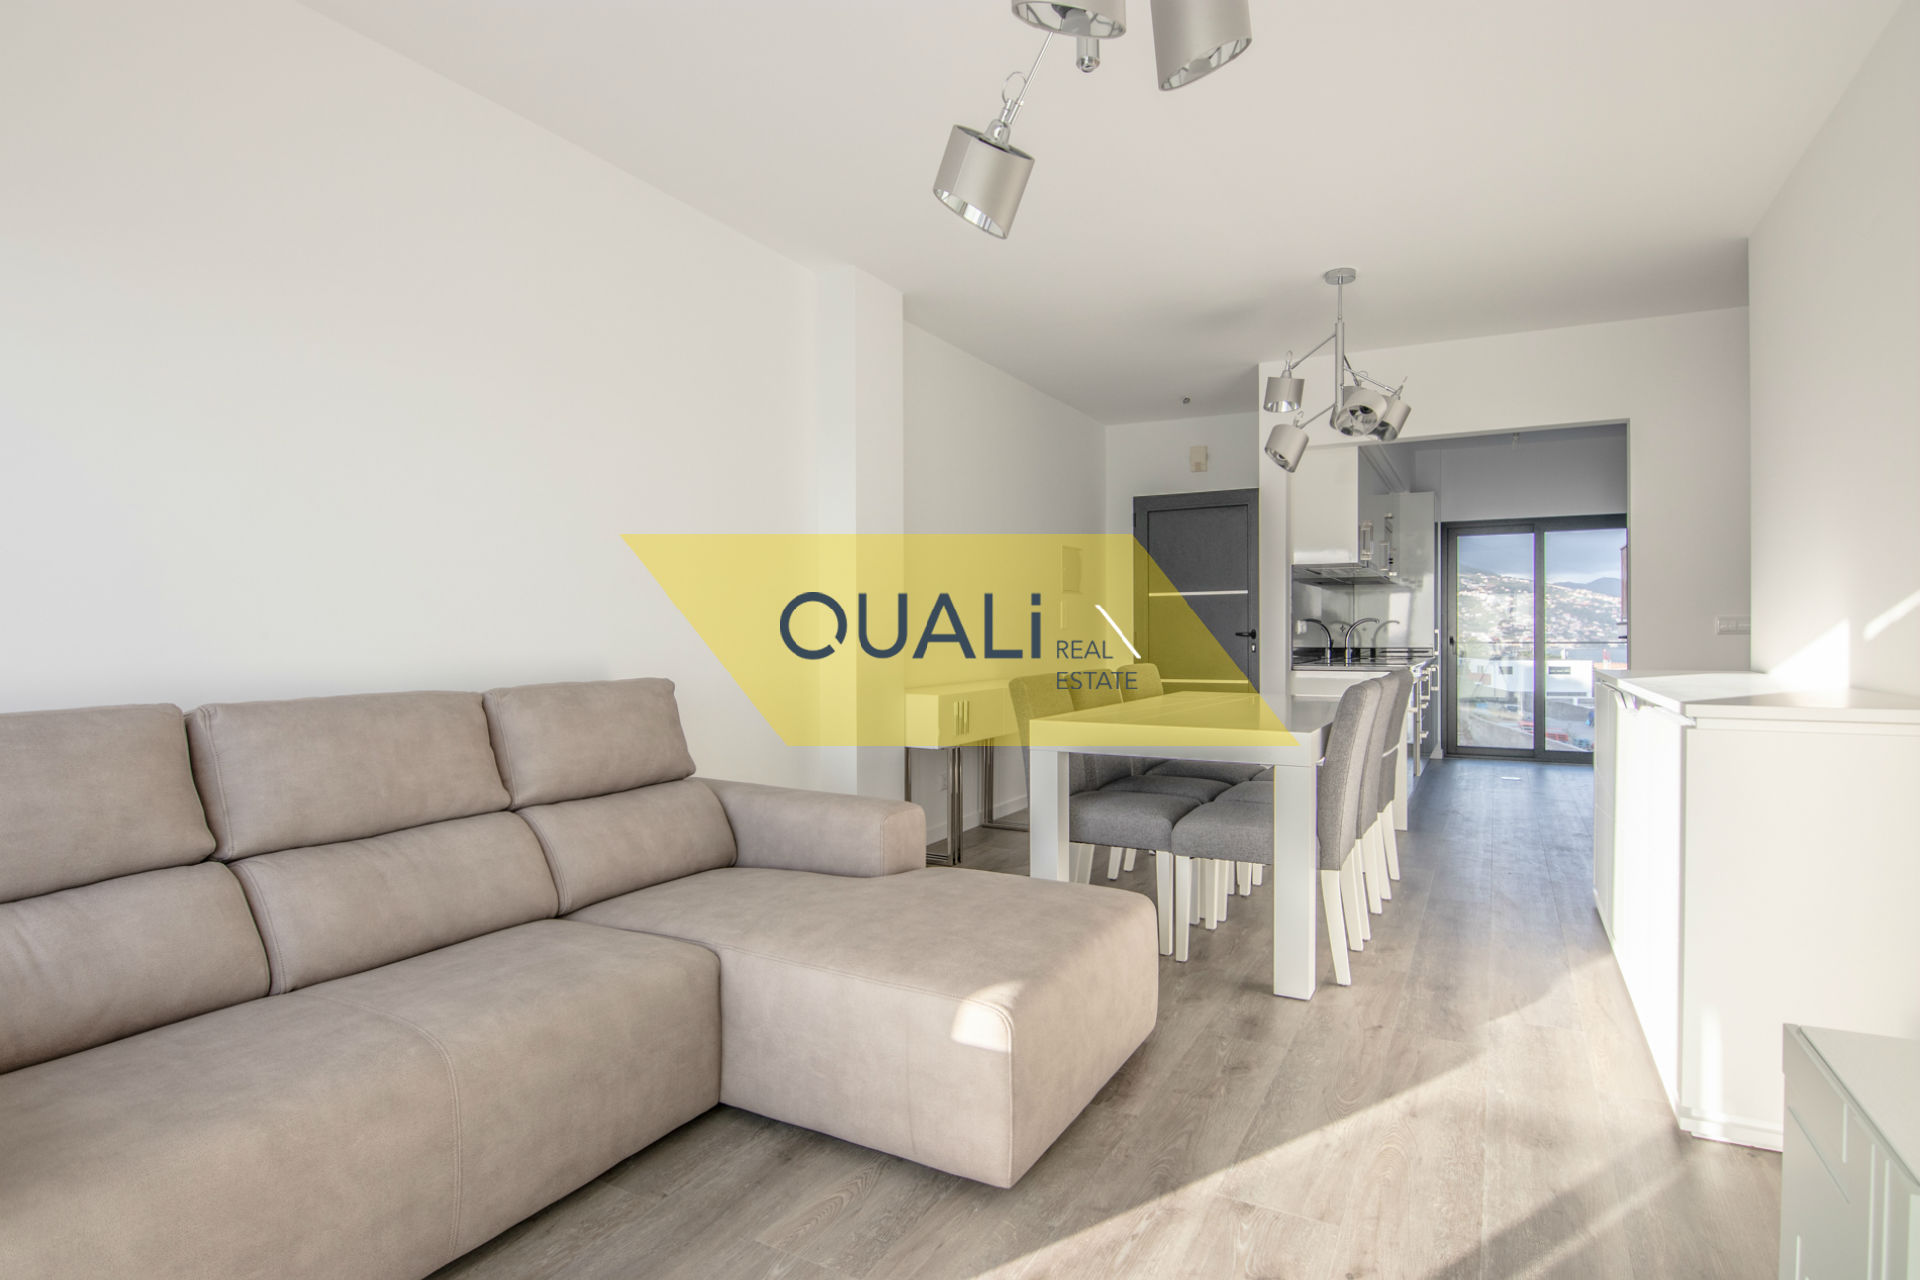 Apartamento com 3 quartos e vista Mar €275.000,00 Porto Novo, Ilha da Madeira.